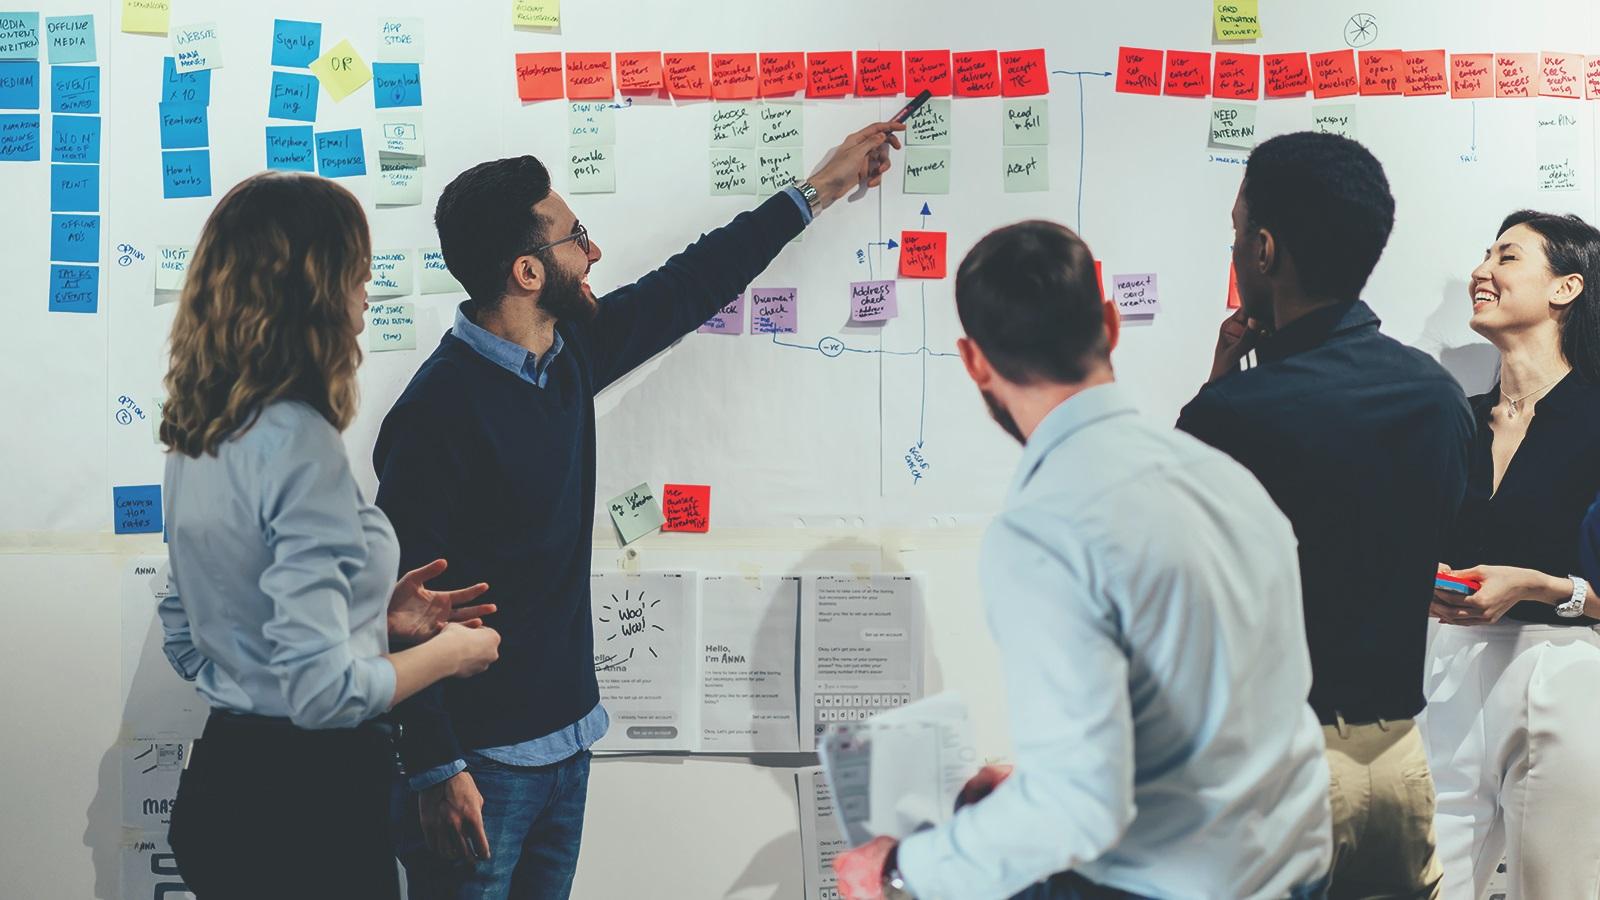 Inovação e empreendedorismo: estado da arte, tendências e organizações híbridas